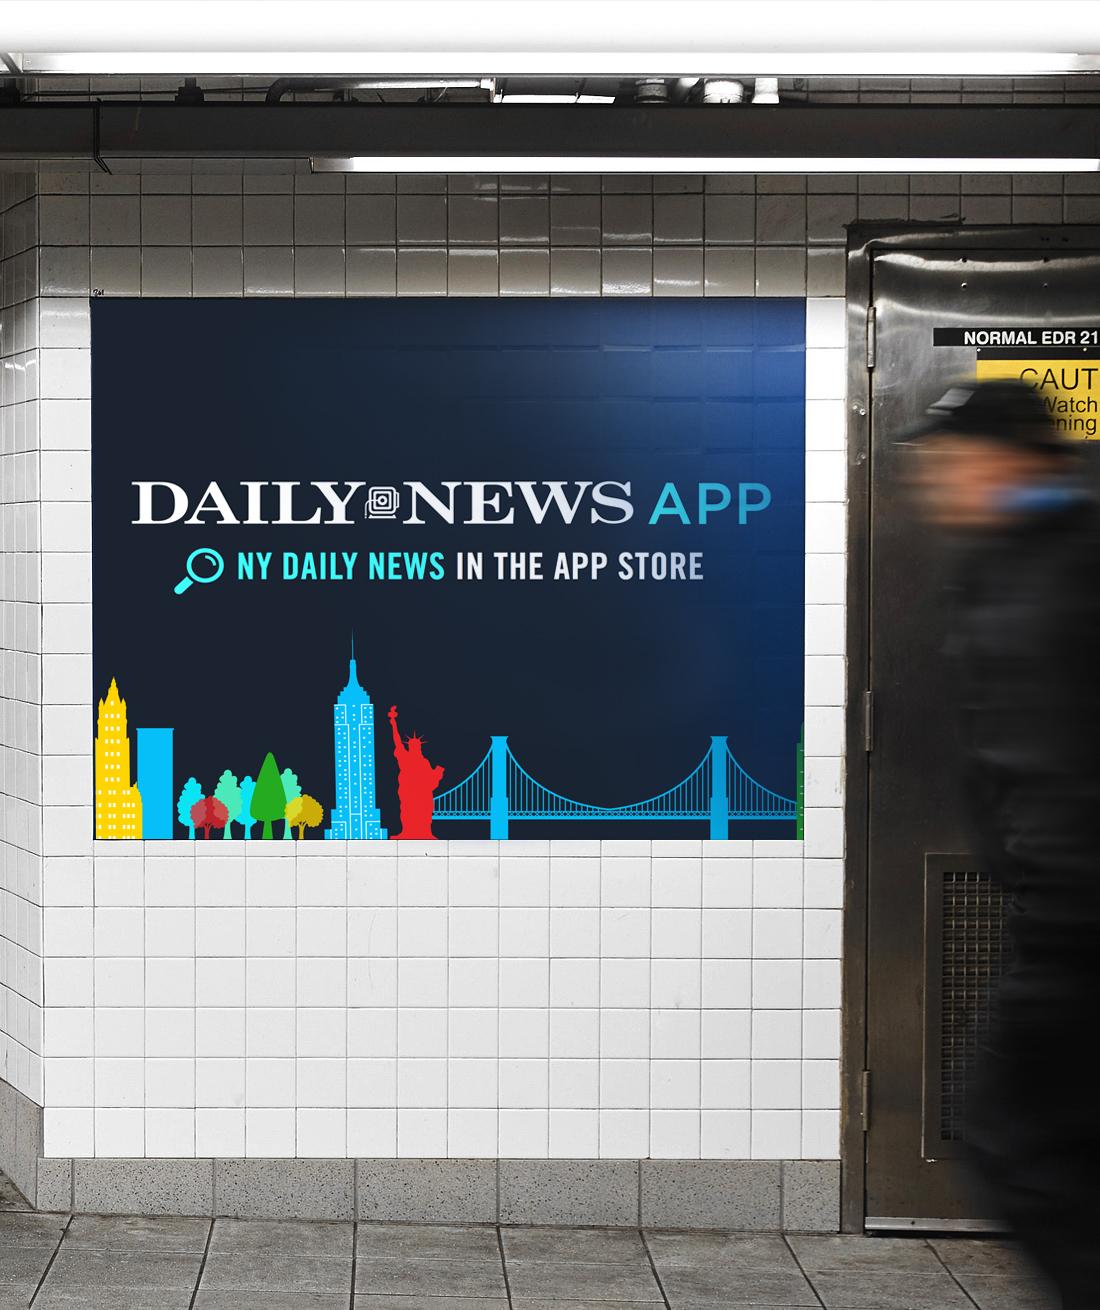 Daily-News_OOH_03-1